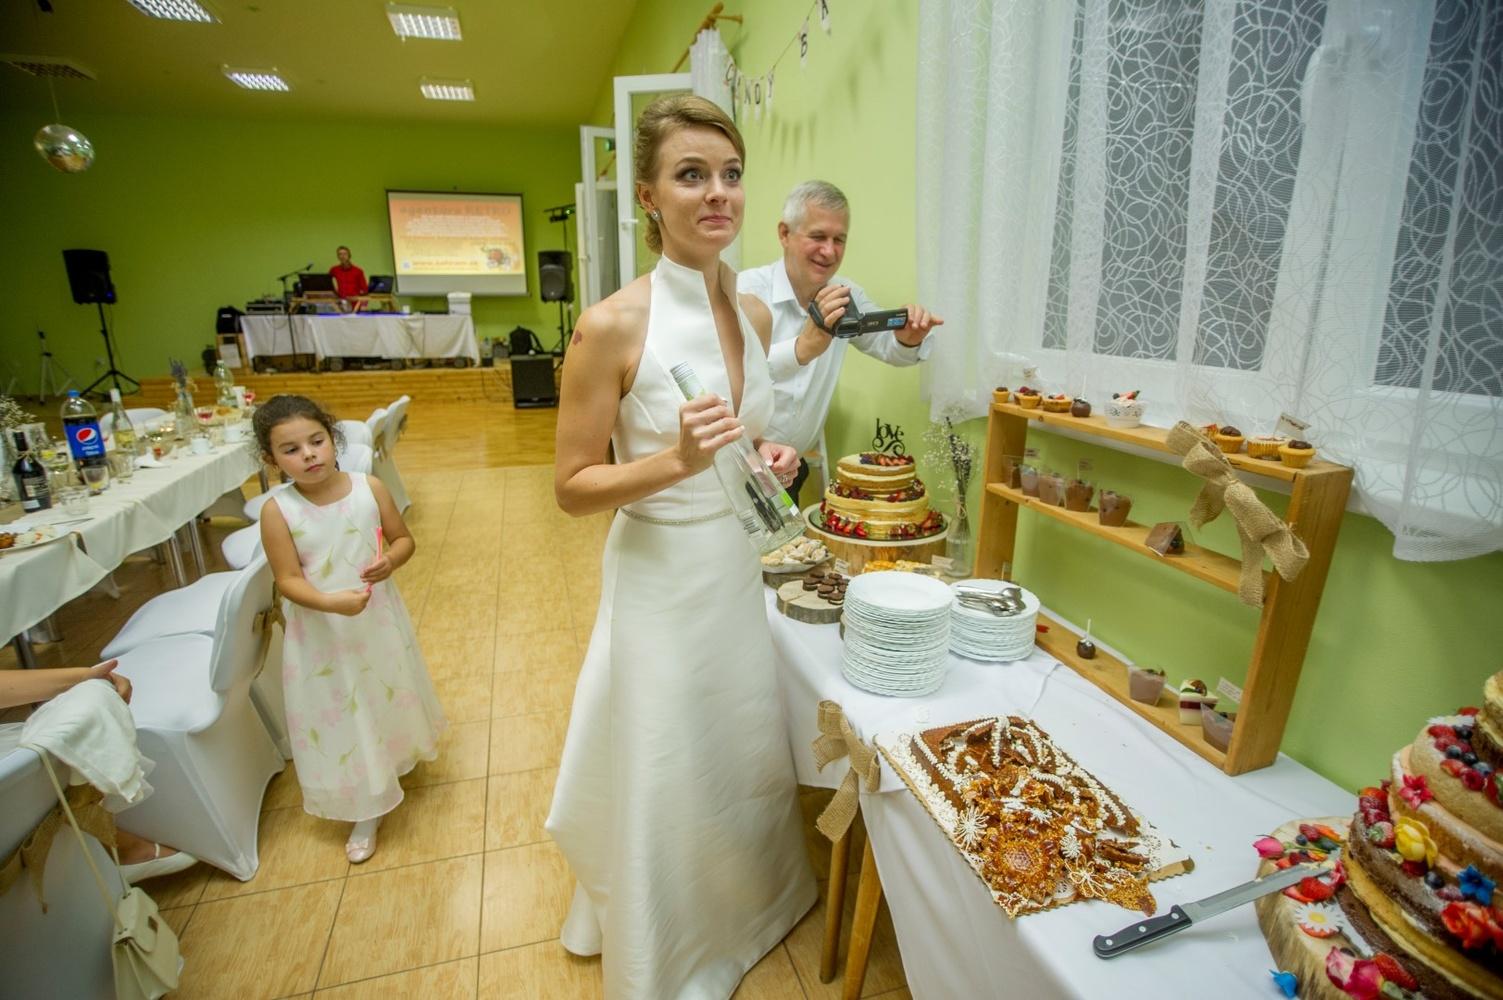 http://www.fotoz.sk/images/gallery-8/normal/eskuvoi-fotos_svadobny-fotograf_588.jpg